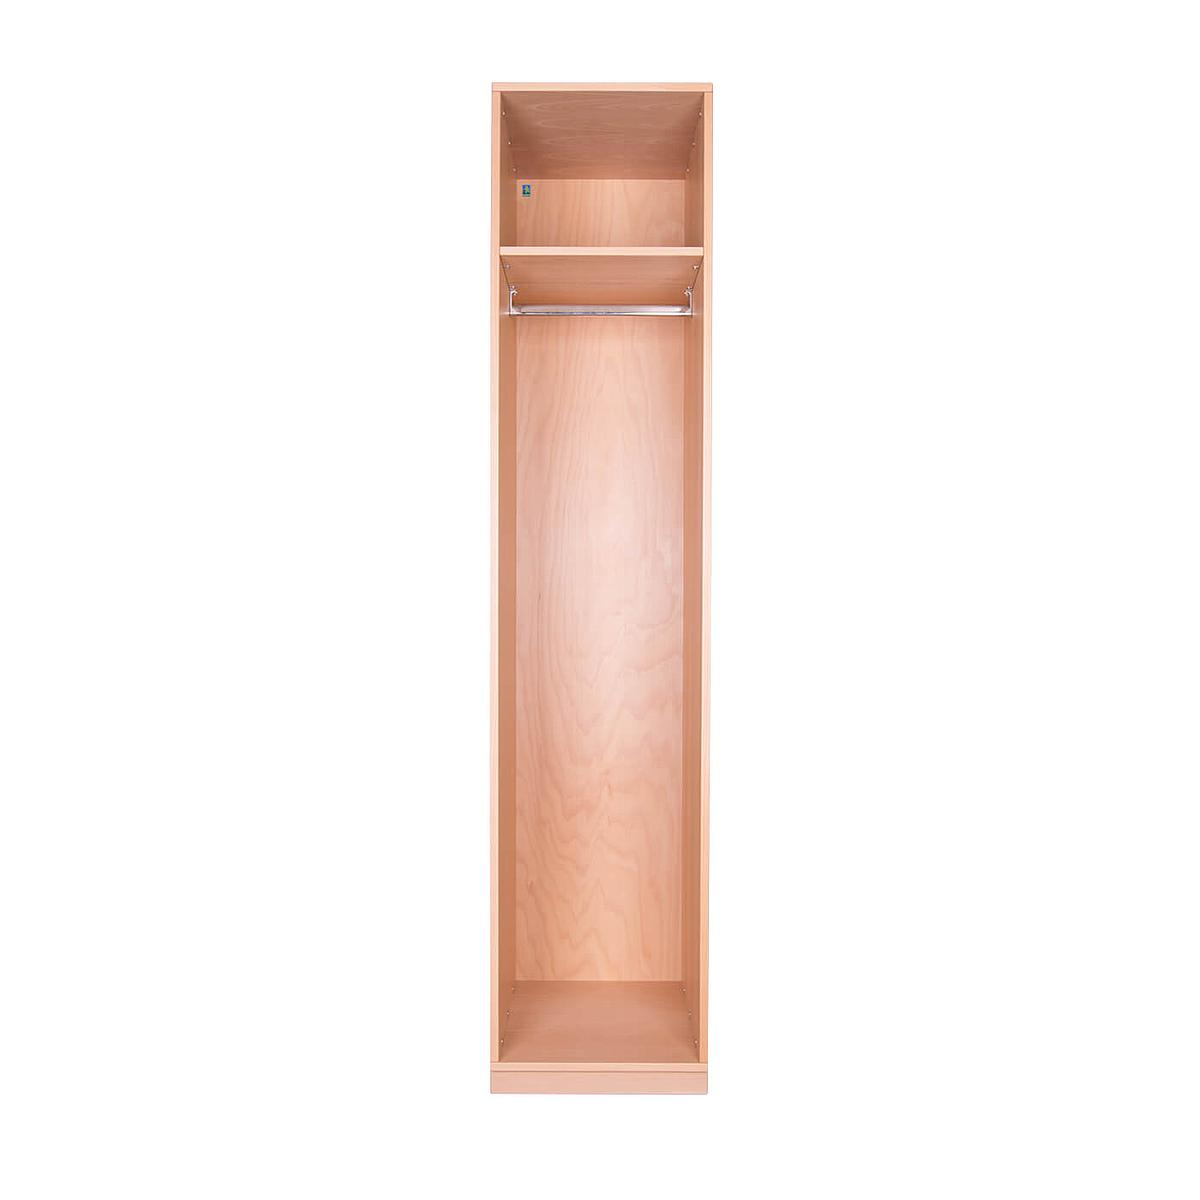 Kleiderschrank 1-türig hoch 219x48x60cm ohne Türen DESTYLE Debreuyn Buchenfurnierte Spanplatte natur geölt